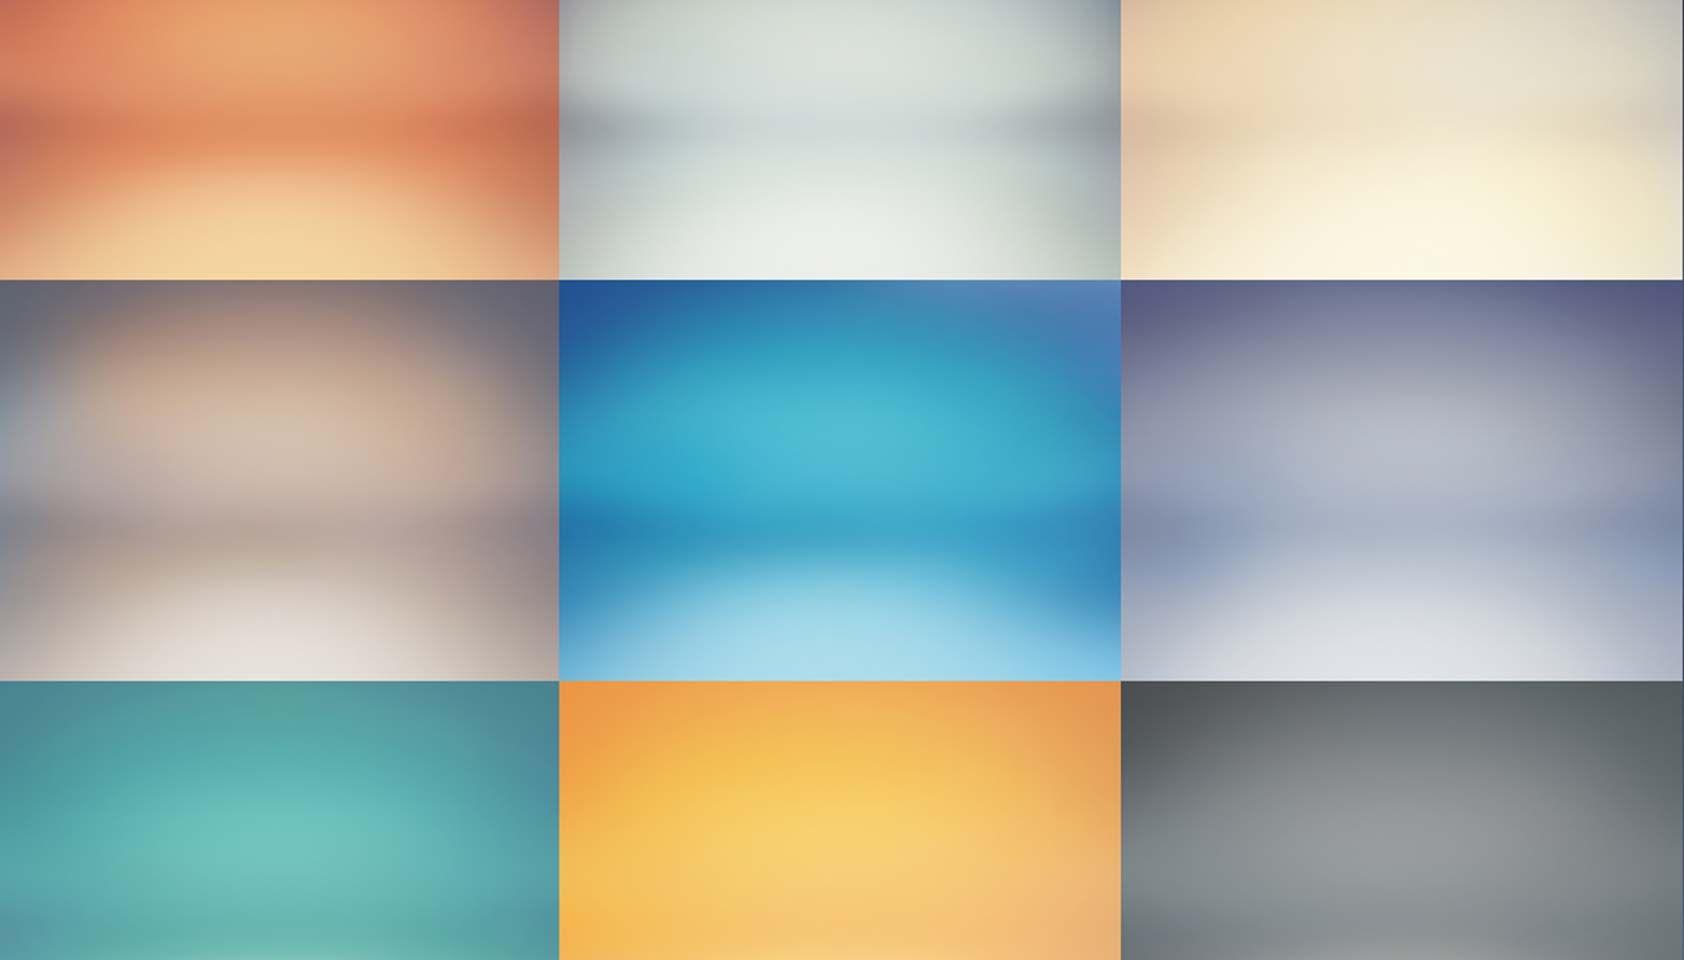 Free download: 10 photorealistic backdrops | Foto, Foto di sfondo ...